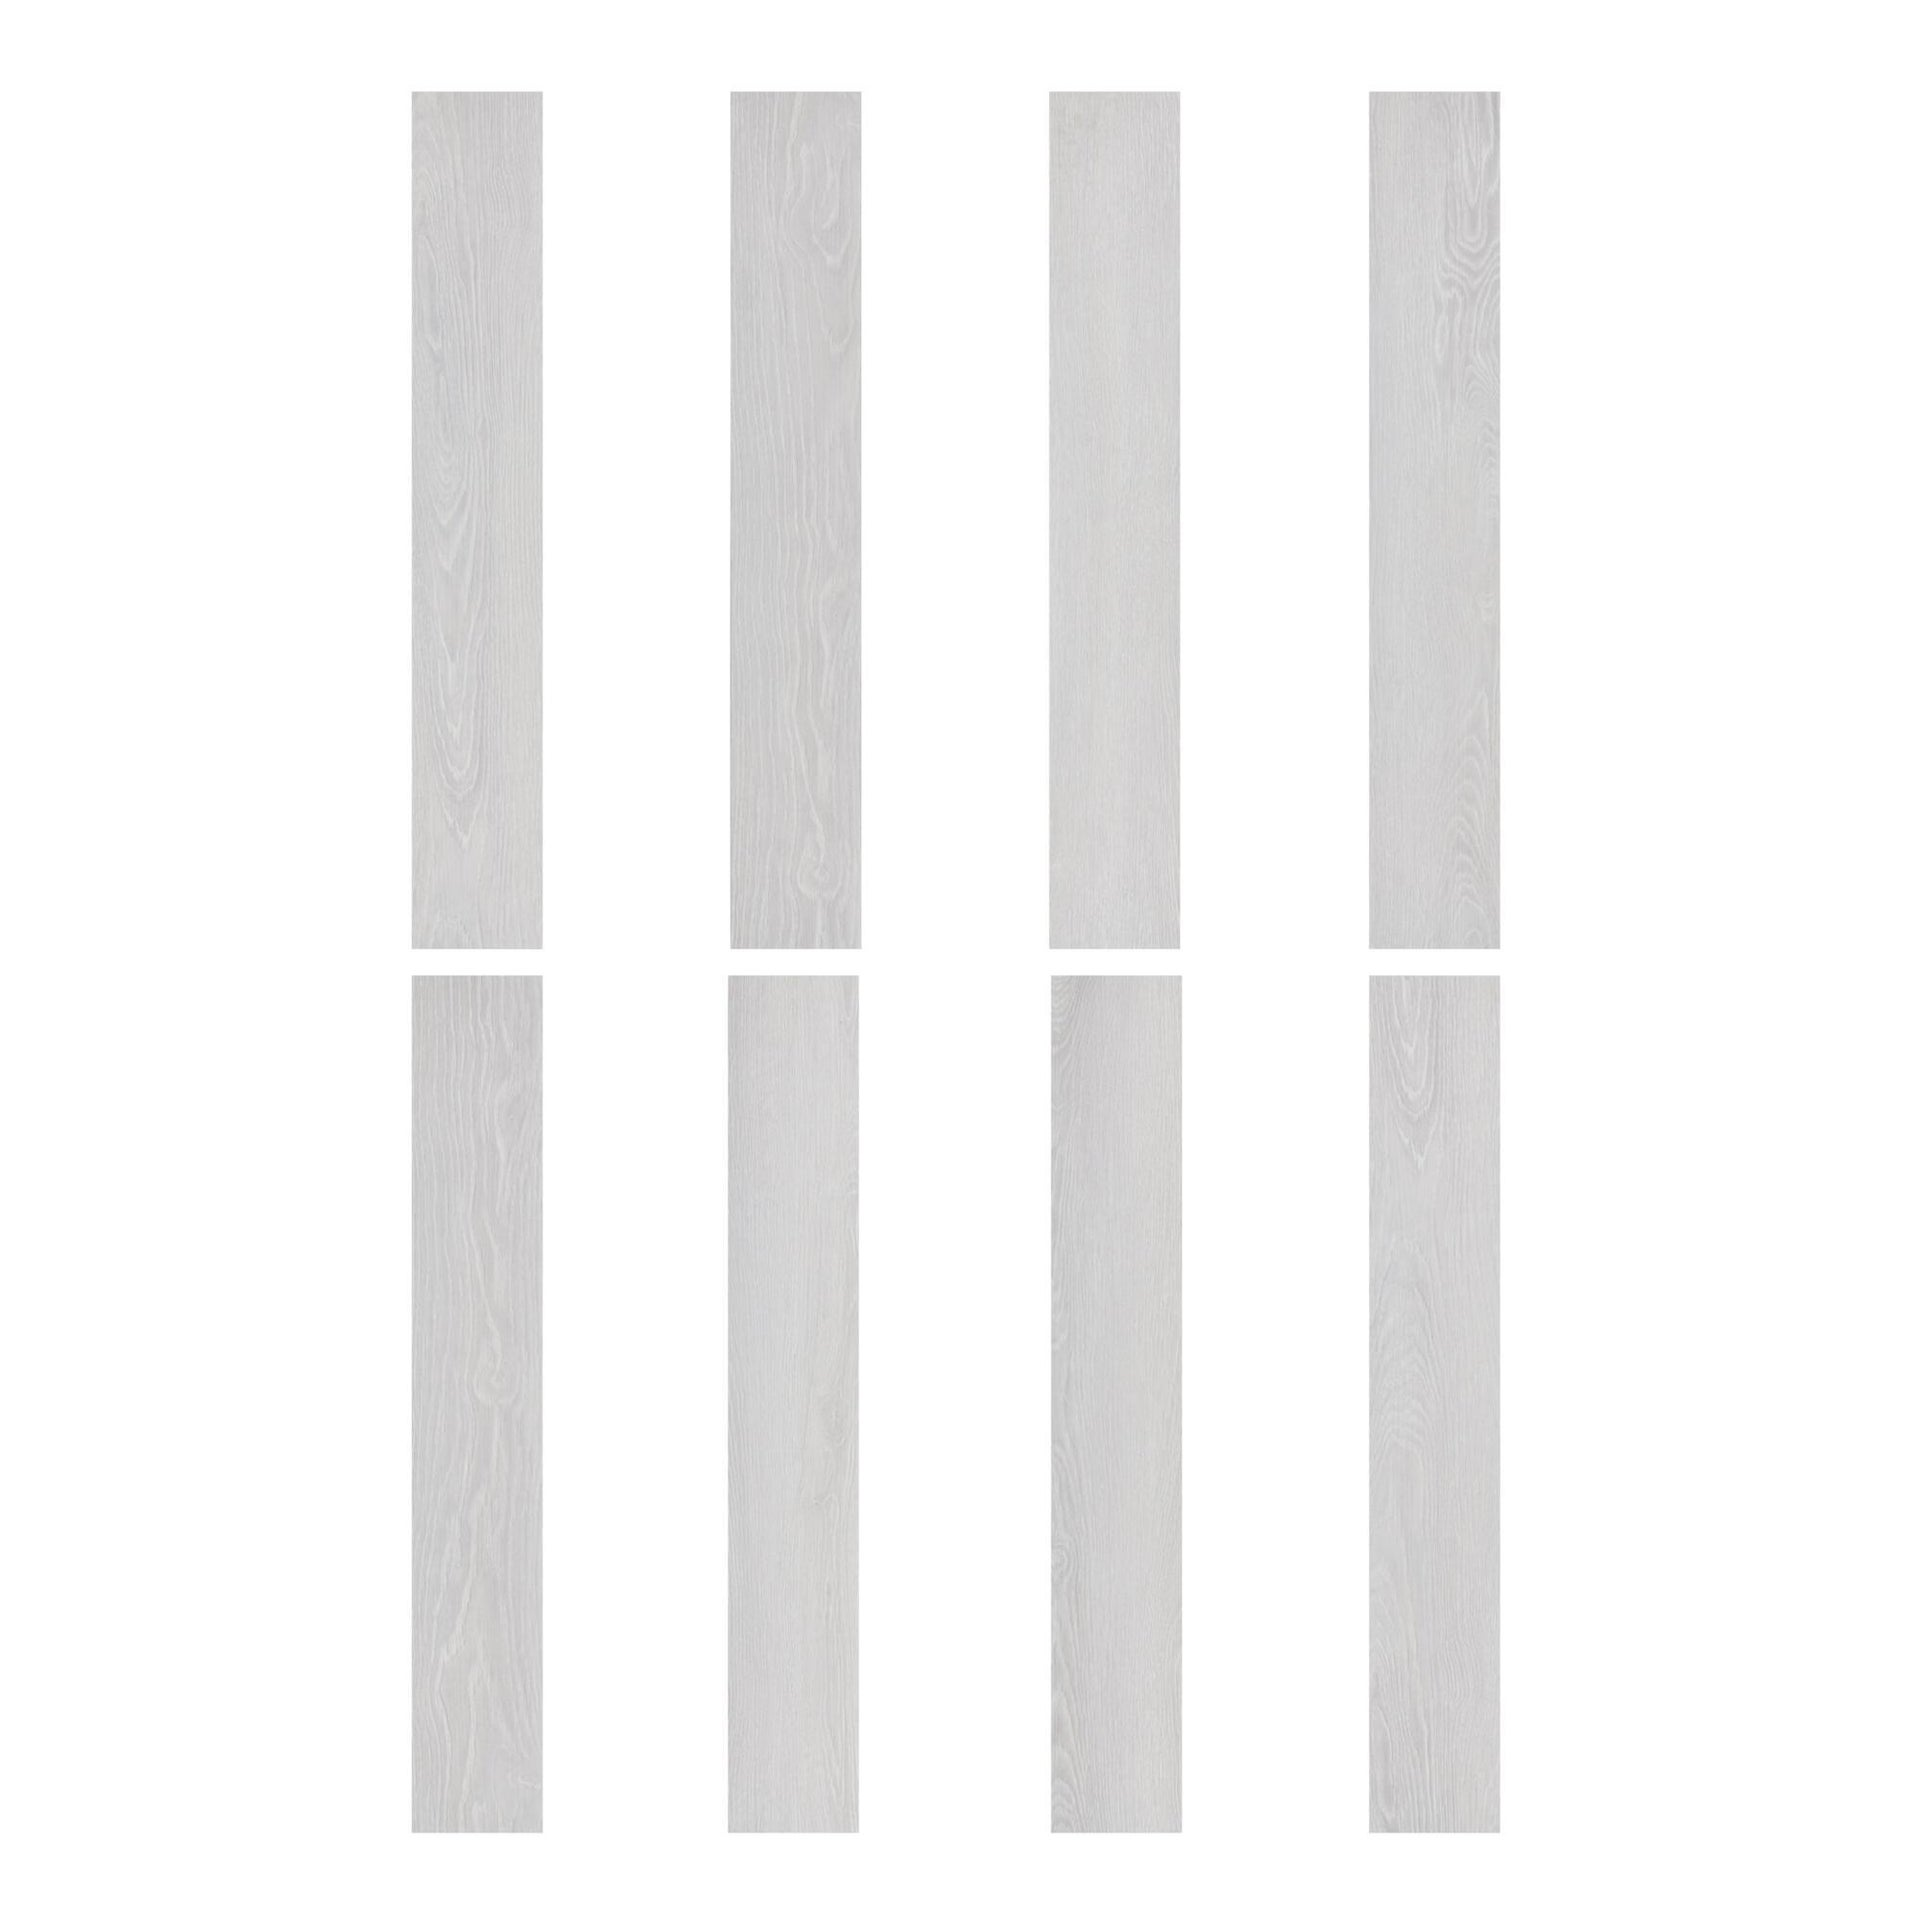 Pavimento PVC flottante clic+ Pure Sp 4.2 mm bianco - 4